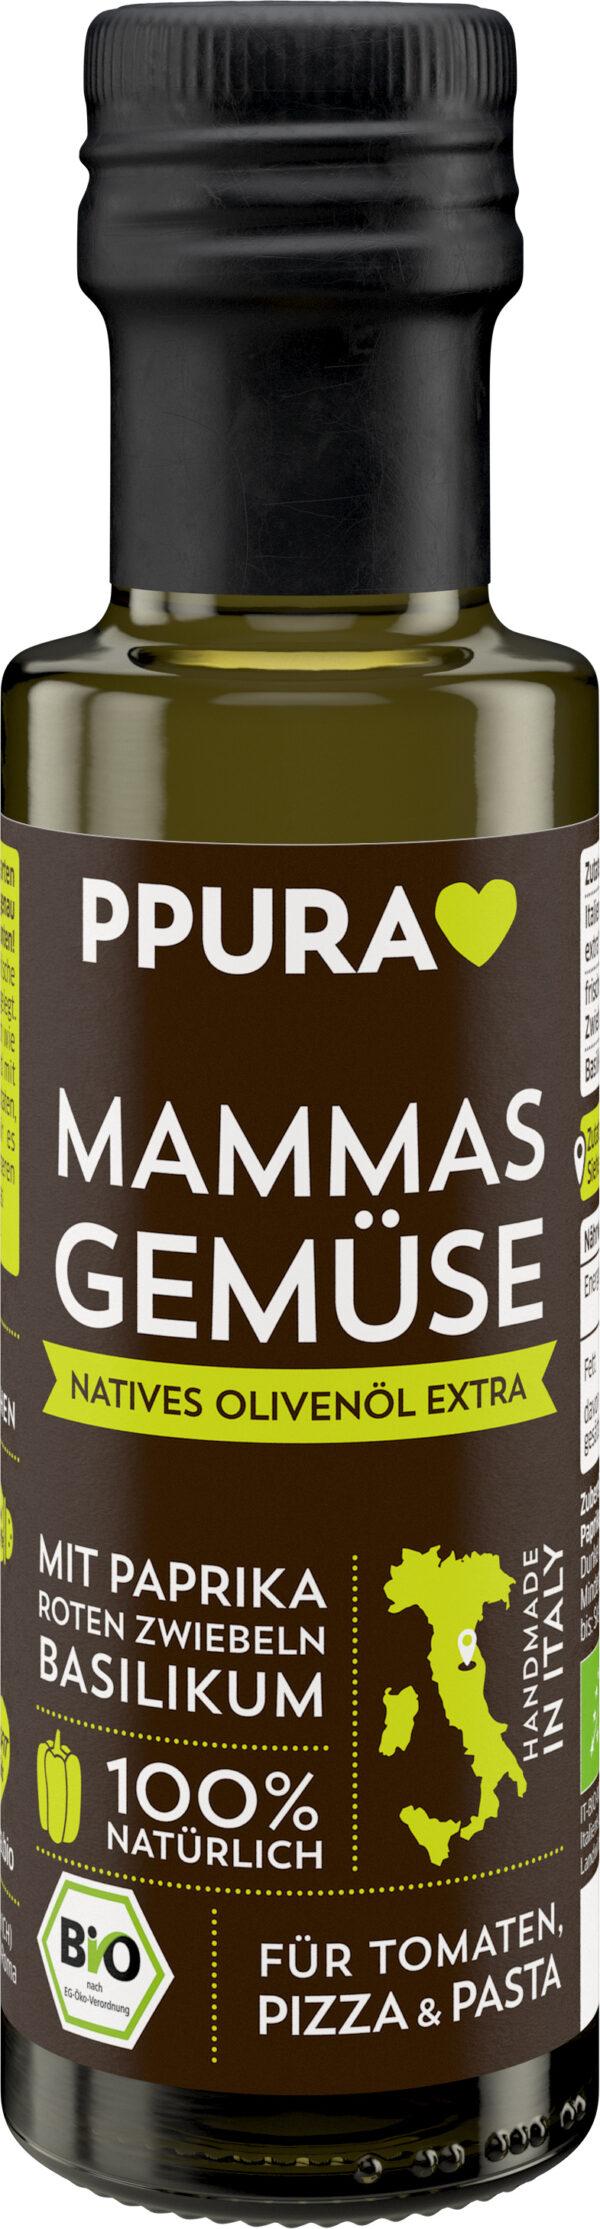 PPURA Olivenöl Mammas Gemüse BIO - mit Paprika, Basilikum 6x100ml